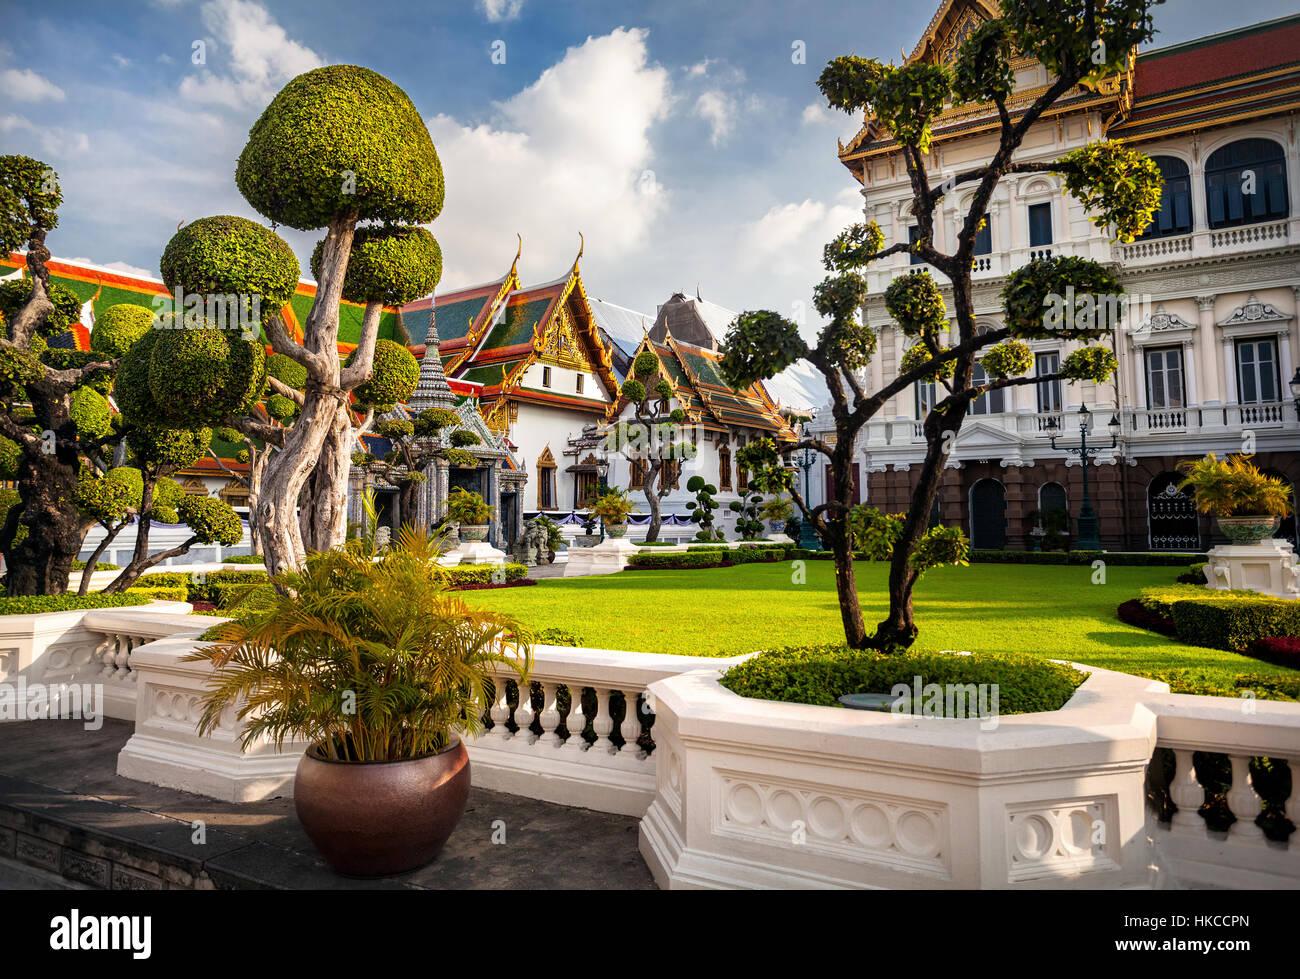 Il Grand Palace con topiaria da giardino alla giornata di sole a Bangkok, in Thailandia Immagini Stock